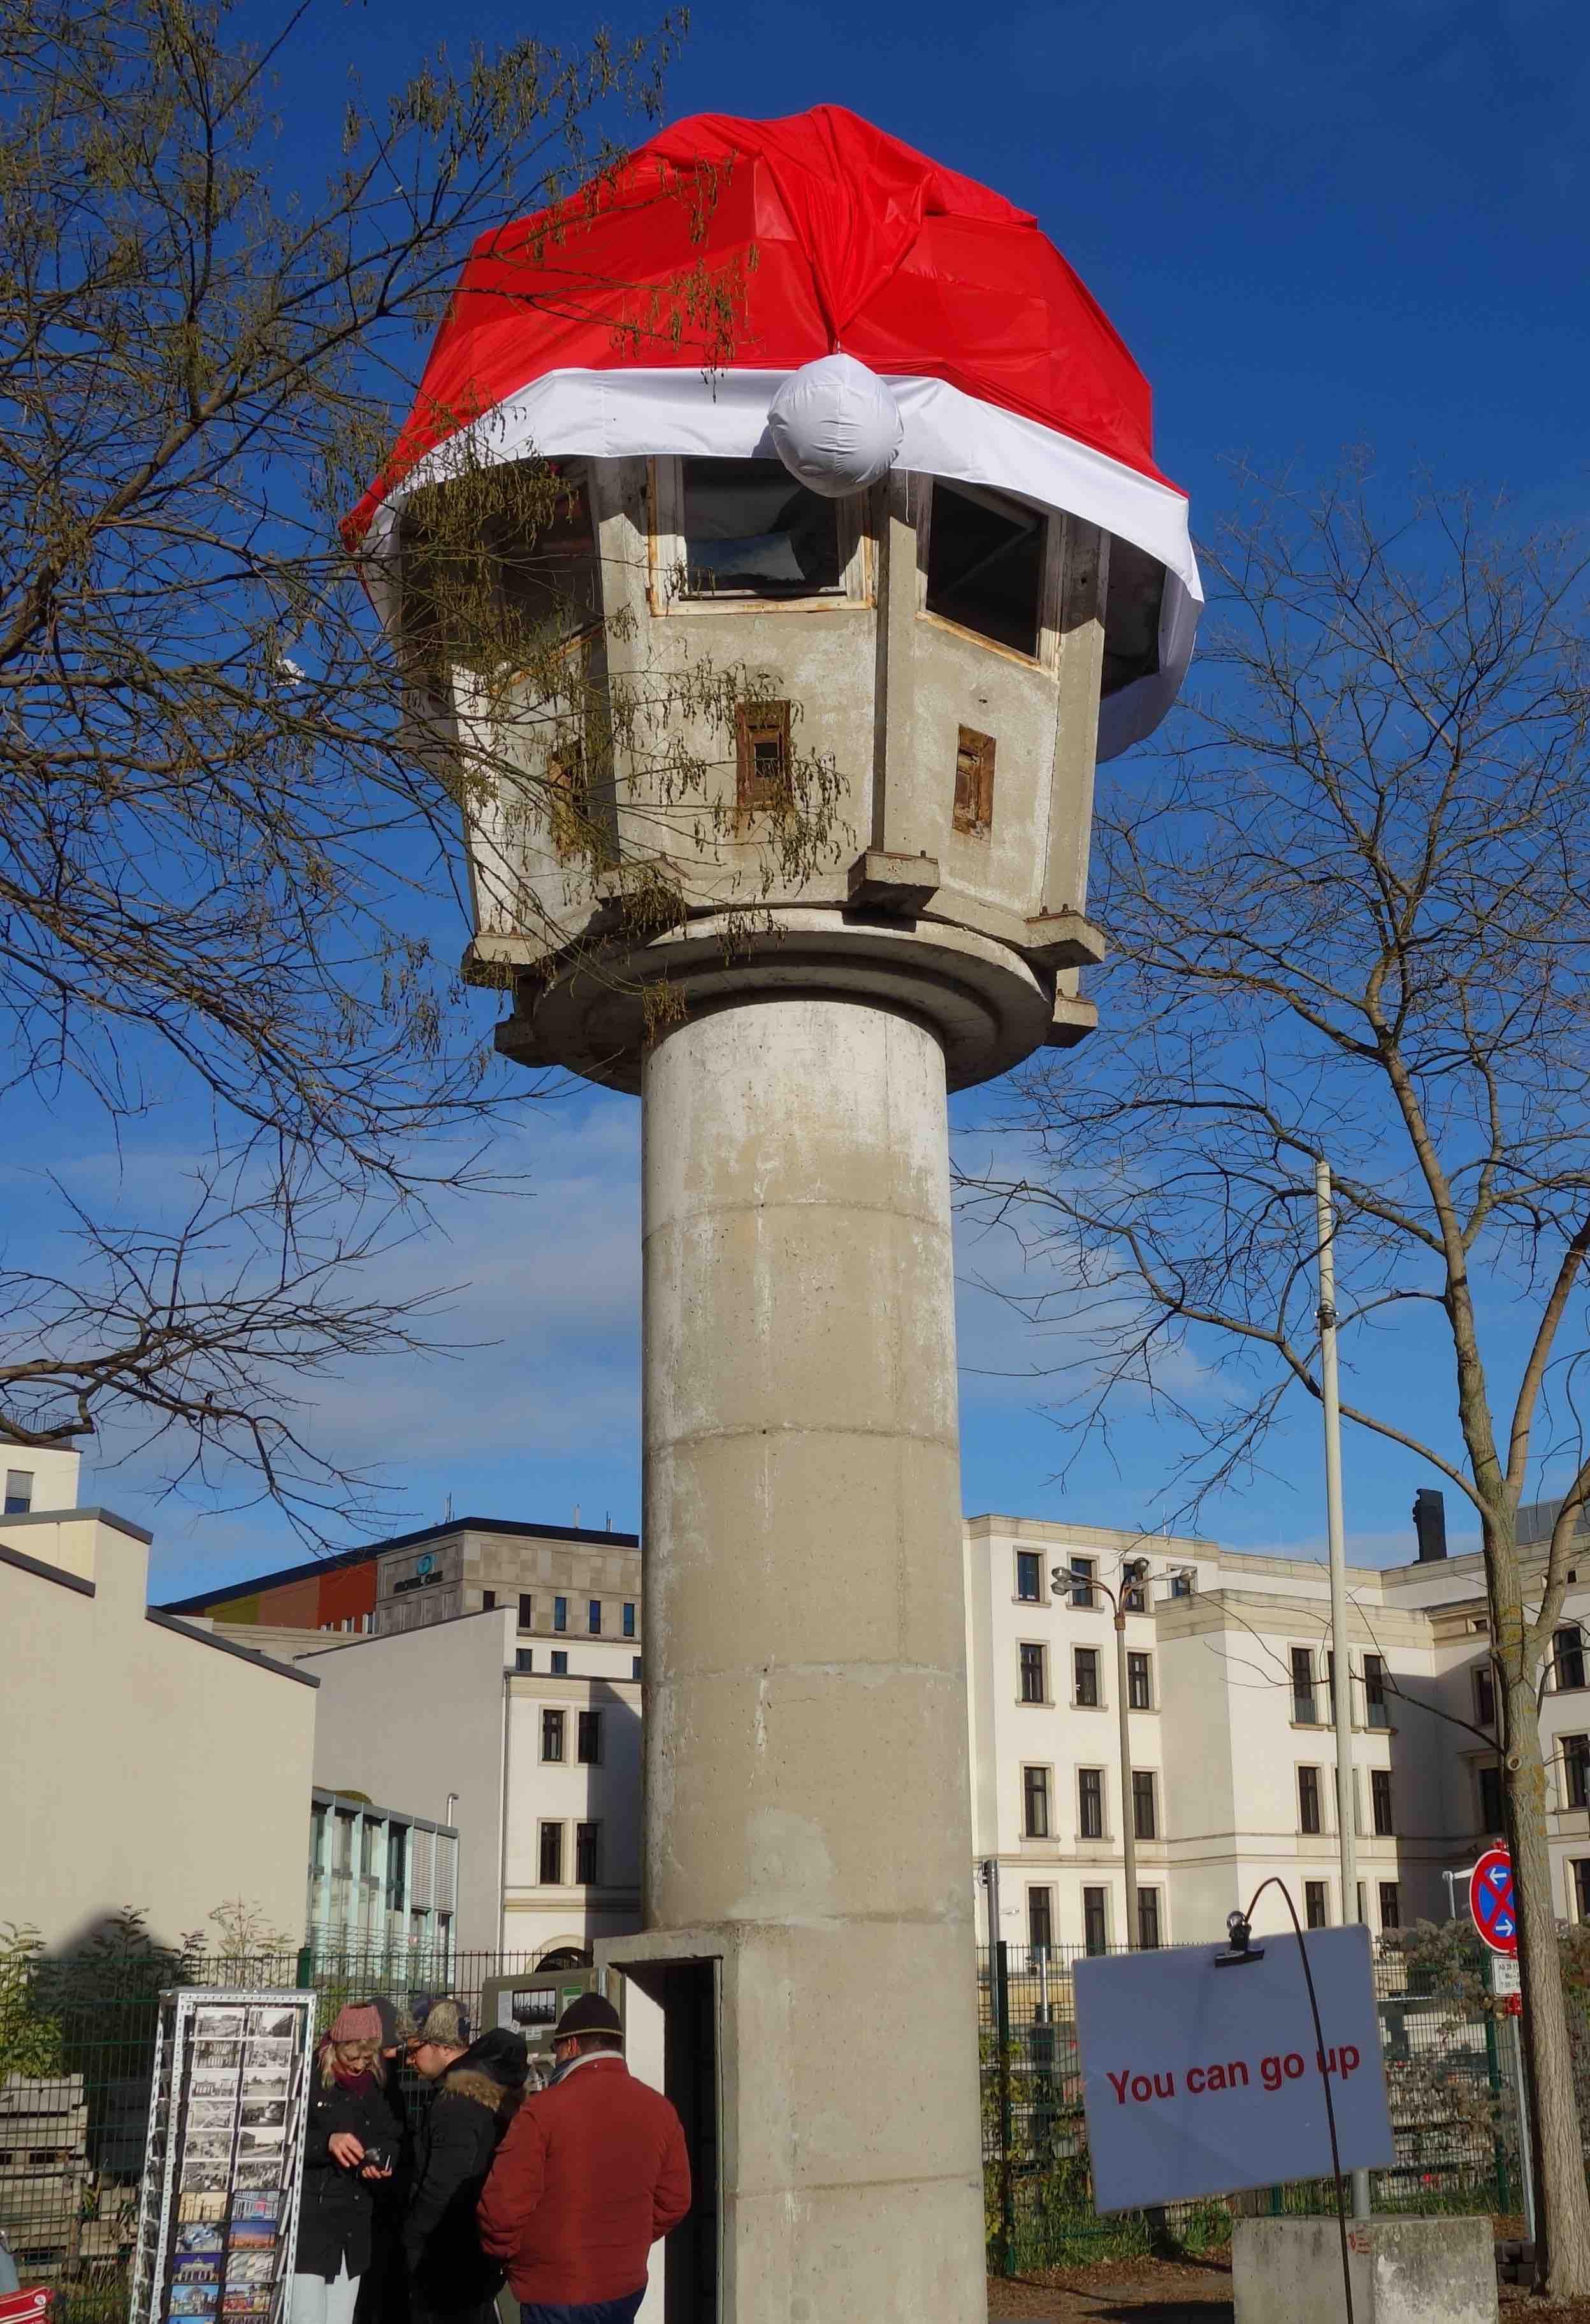 Turm mit Weihnachtsmütze